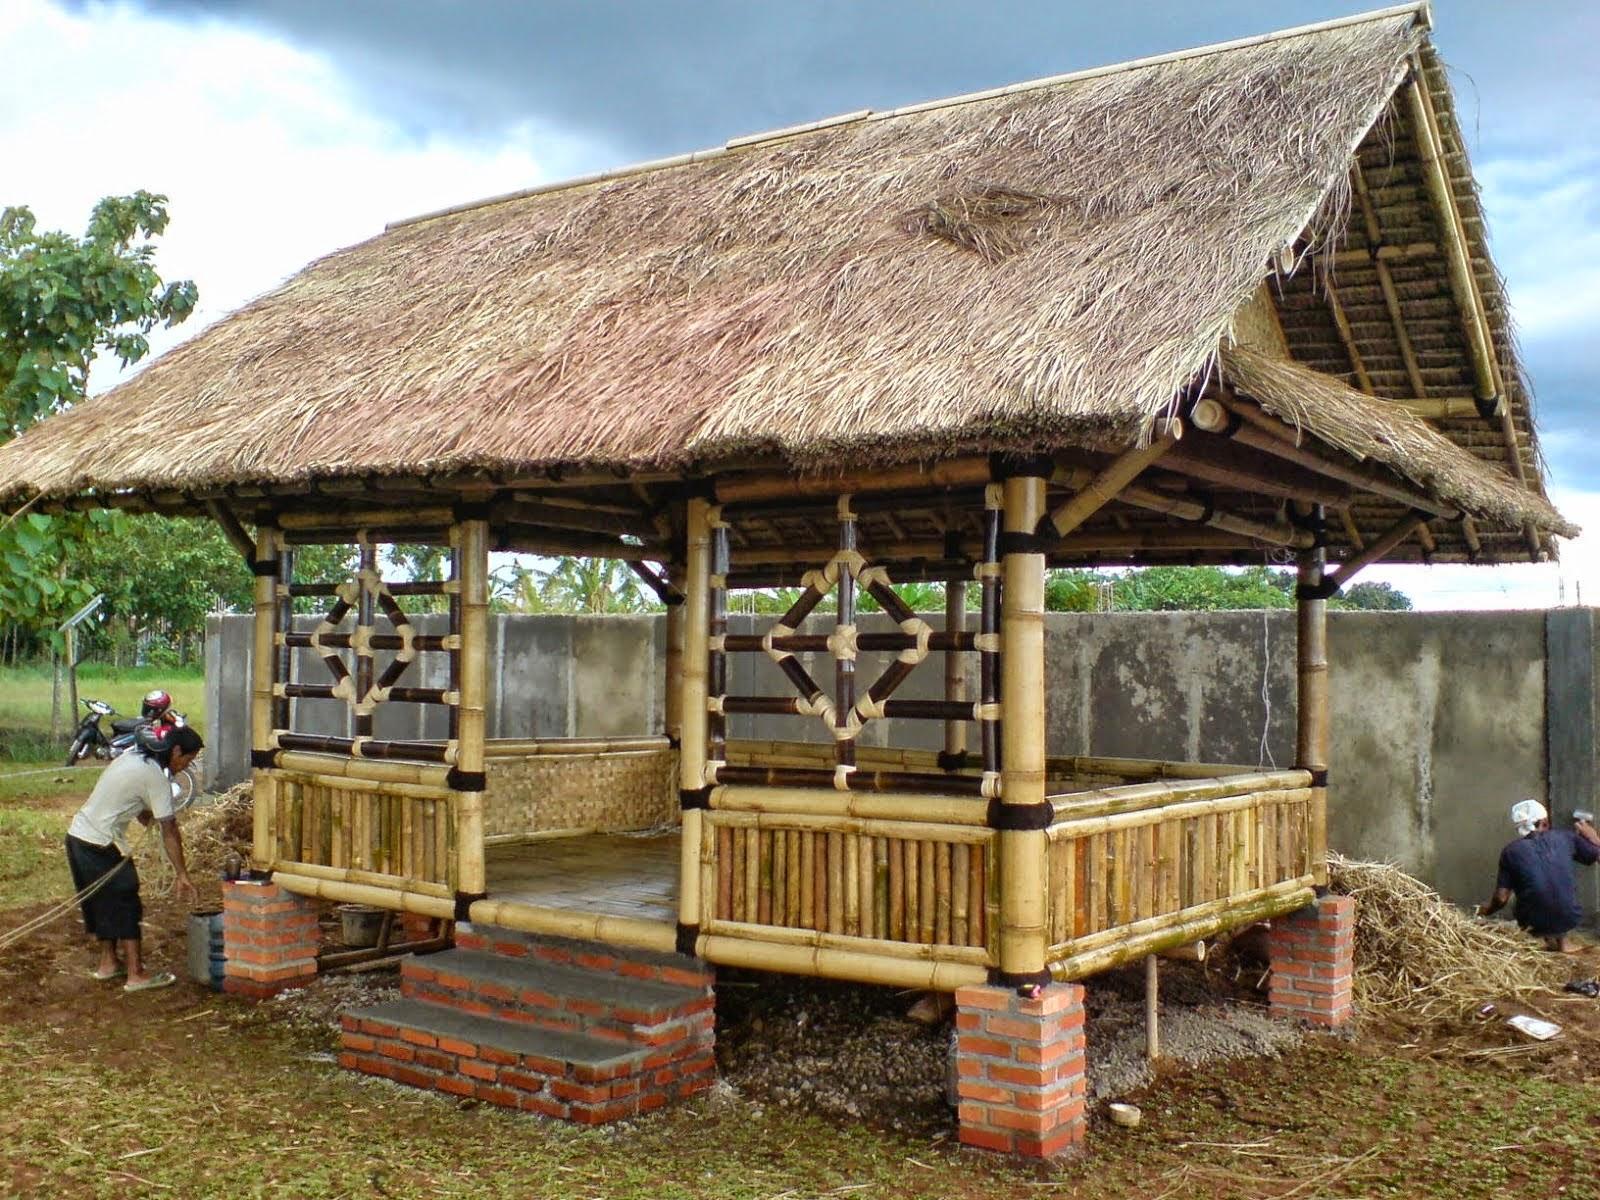 jual saung bambu jasa perakit rumah bambu saung kayu